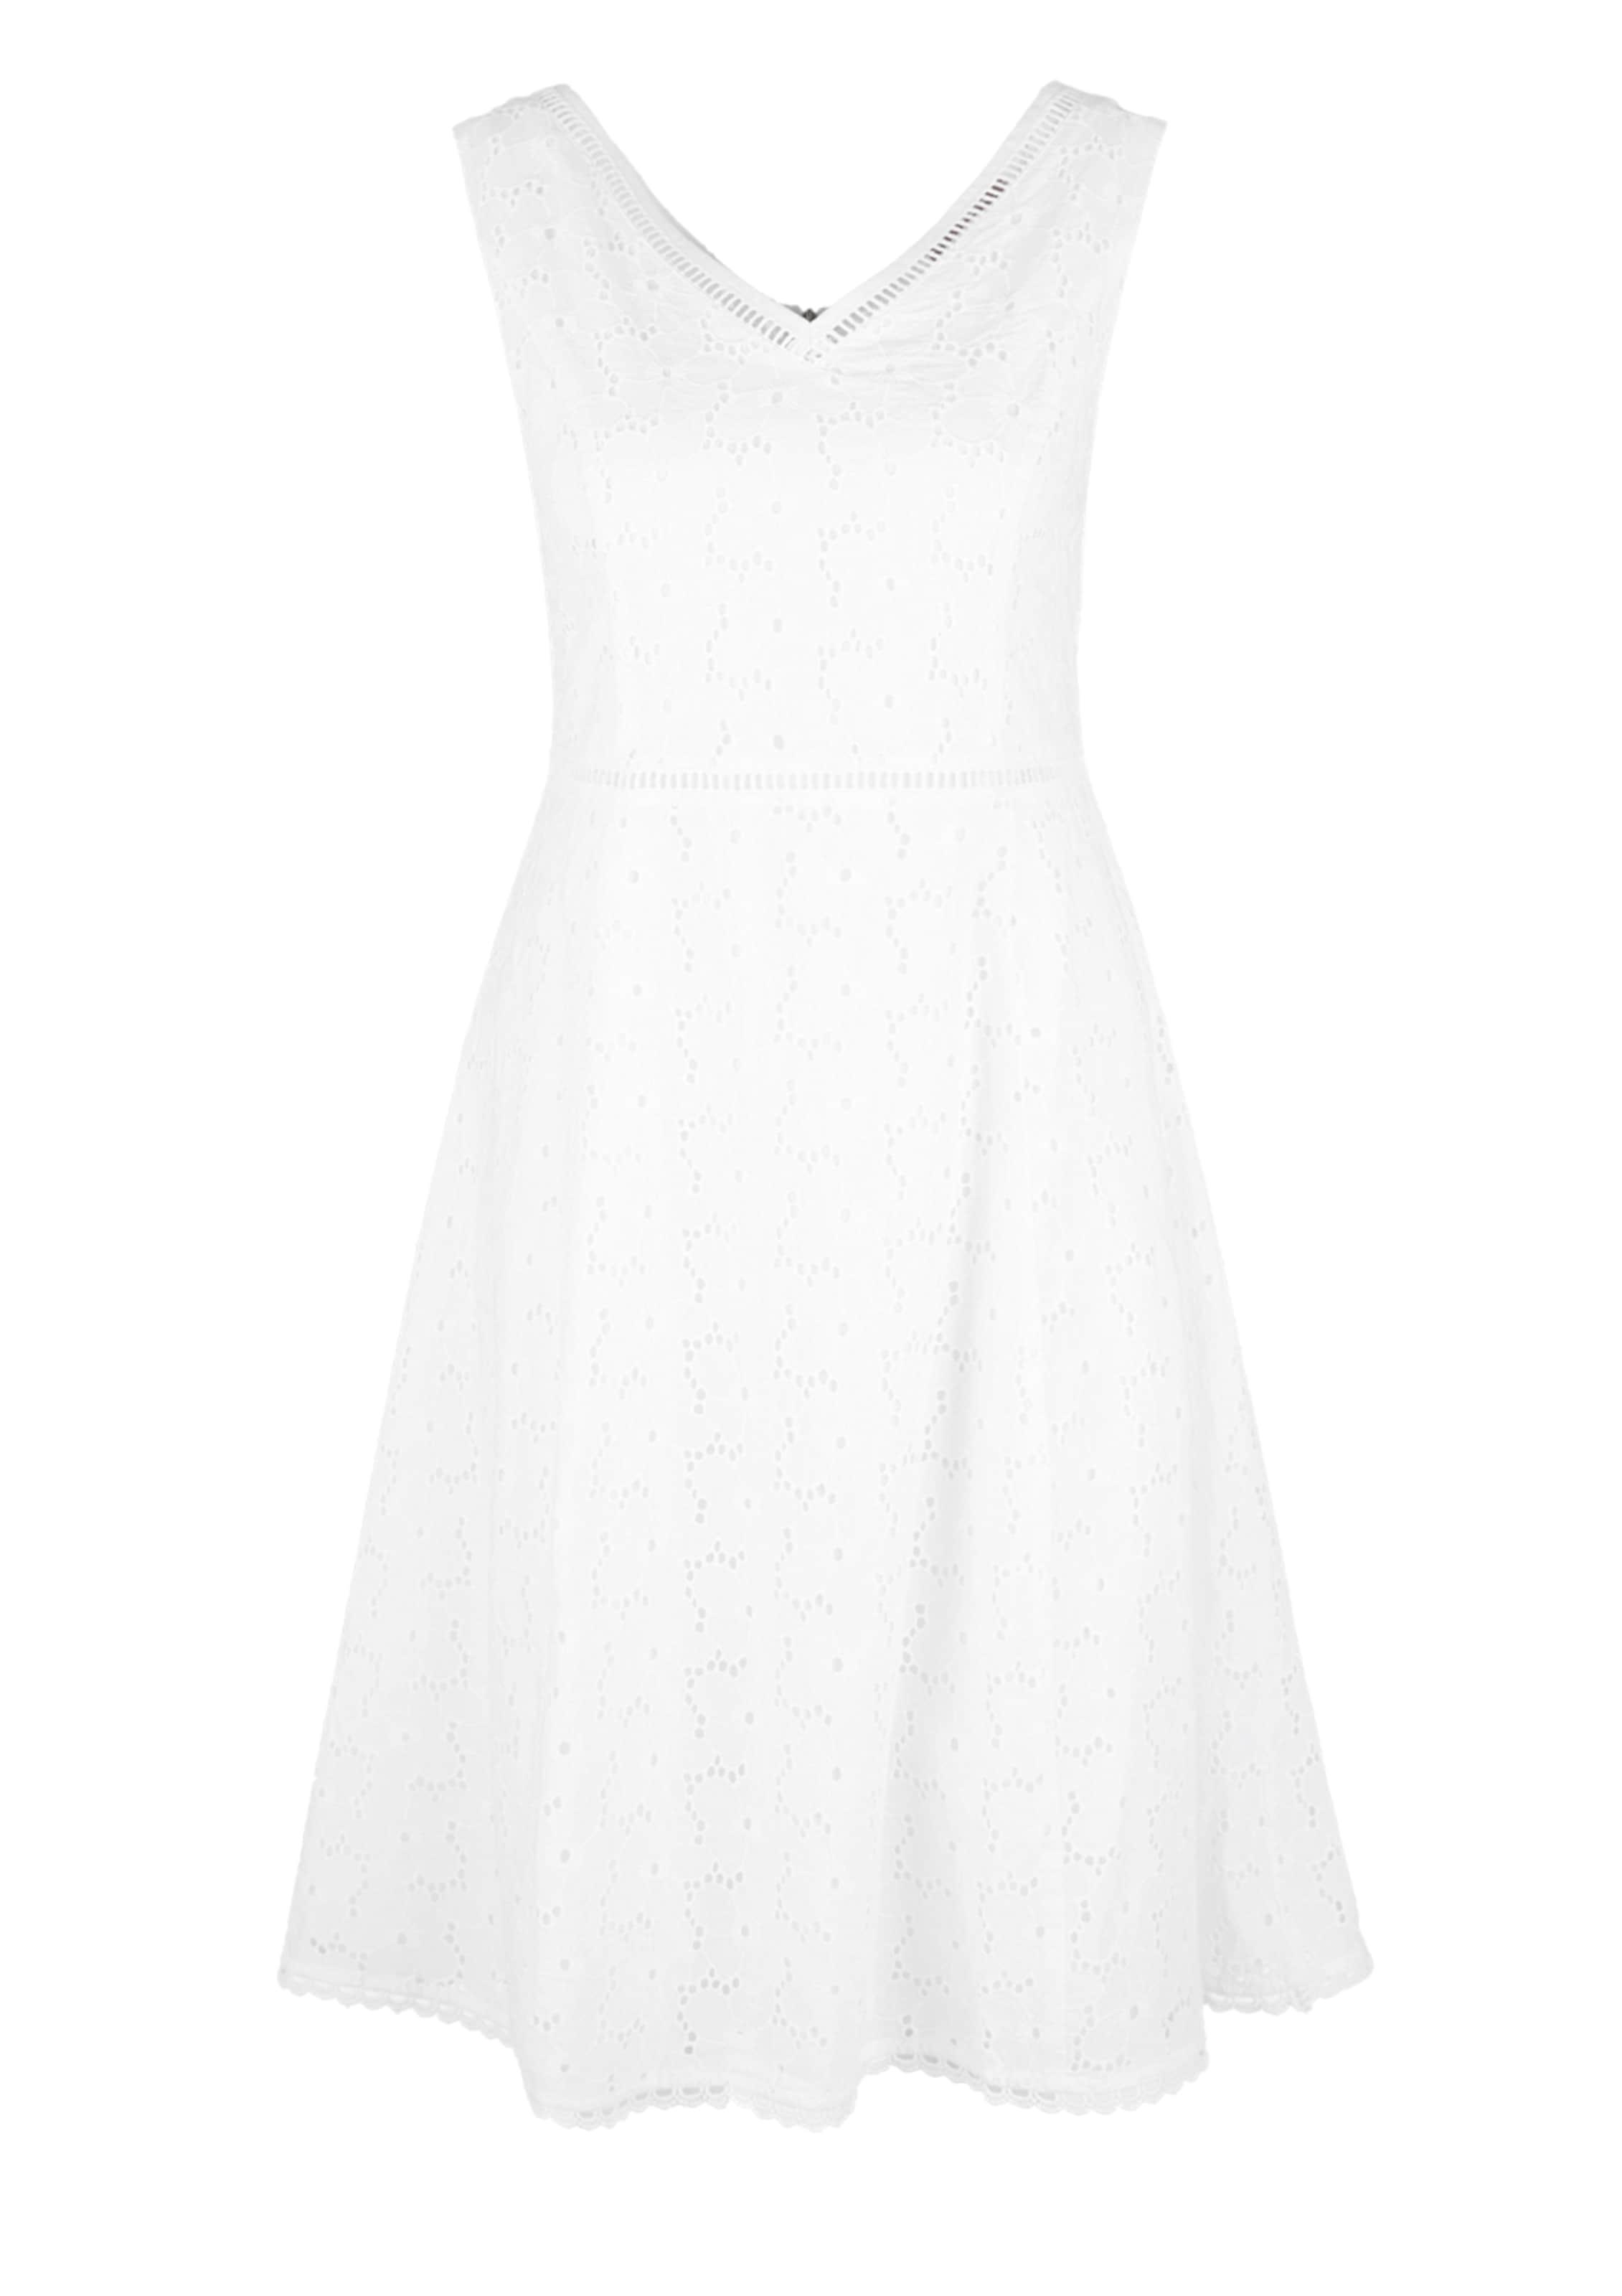 Red Blanc D'été S En oliver Label Robe c3FKJl1T